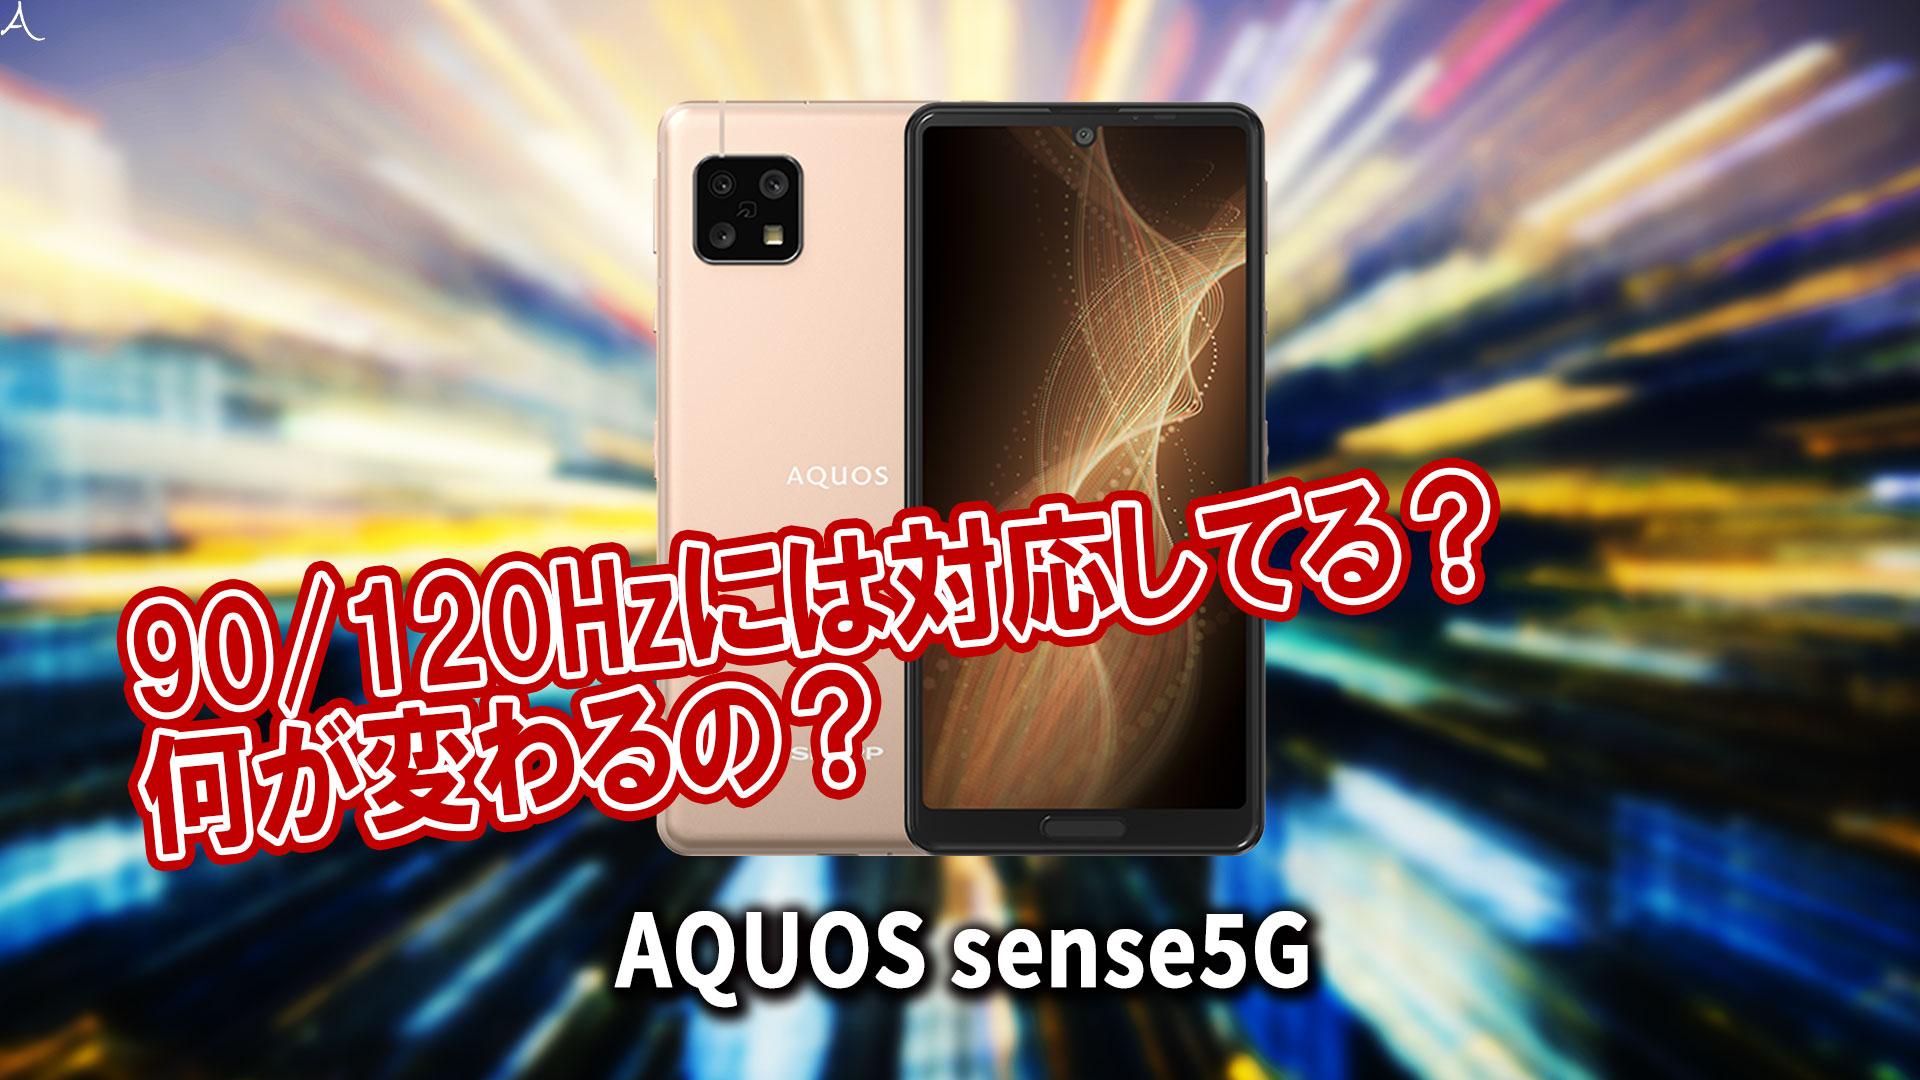 「AQUOS sense5G」のリフレッシュレートはいくつ?120Hzには対応してる?